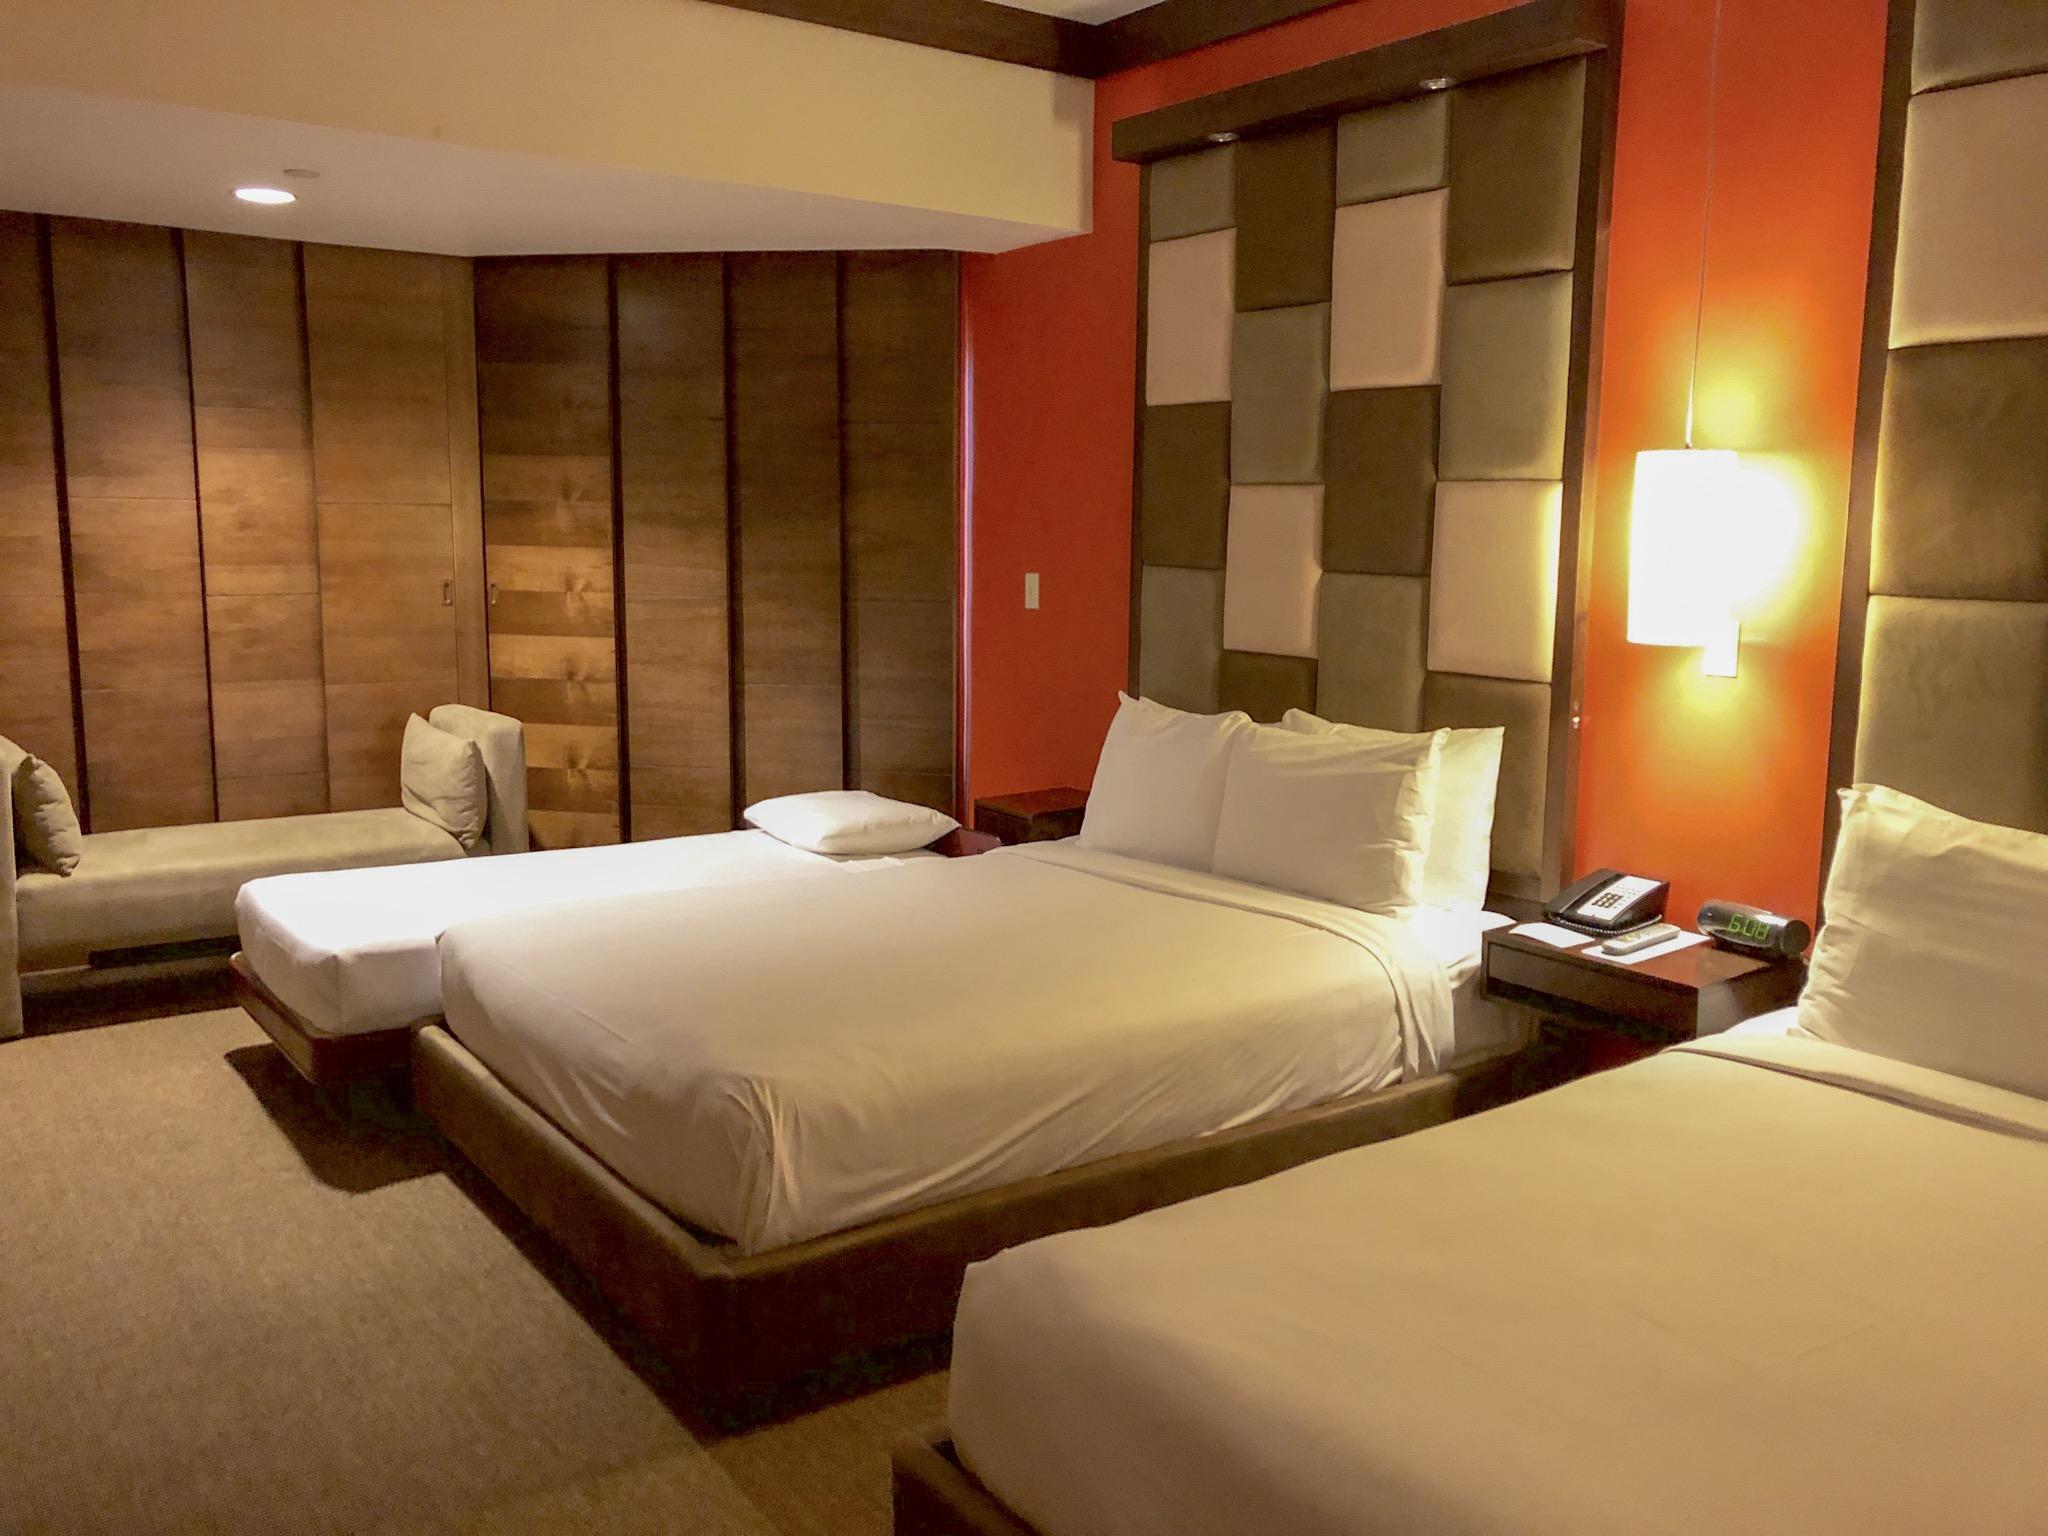 【グアム旅#4】リッチもお部屋も◎「アウトリガー・グアム・ビーチ・リゾート」に宿泊!_2